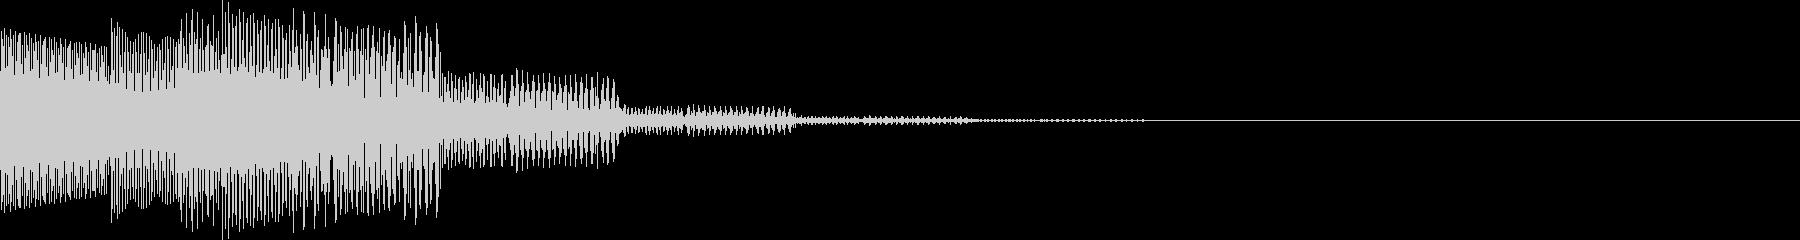 ピロロン(下がる、キャンセル、通信)の未再生の波形